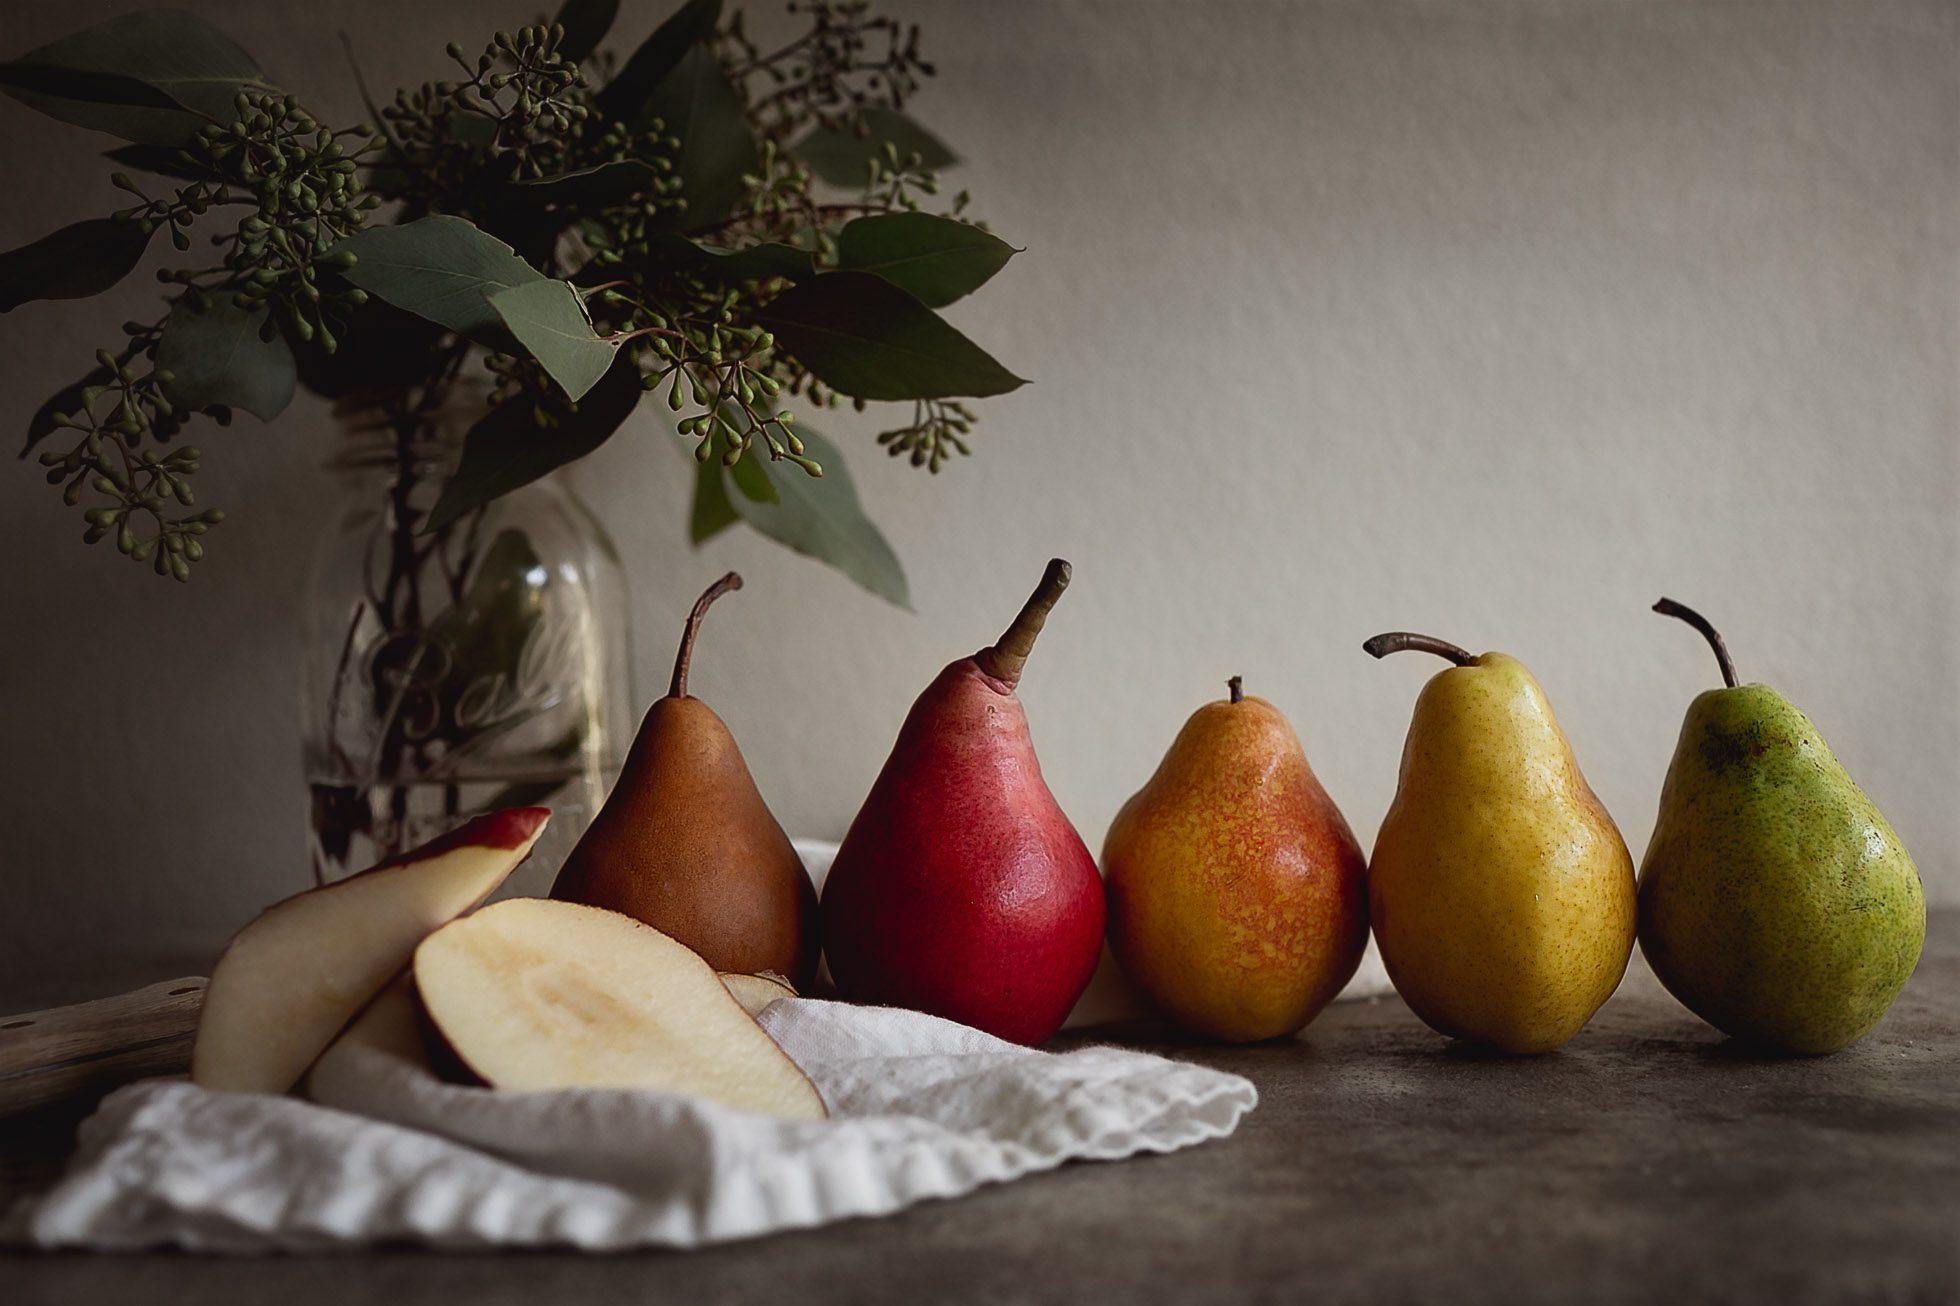 A rainbow of pears